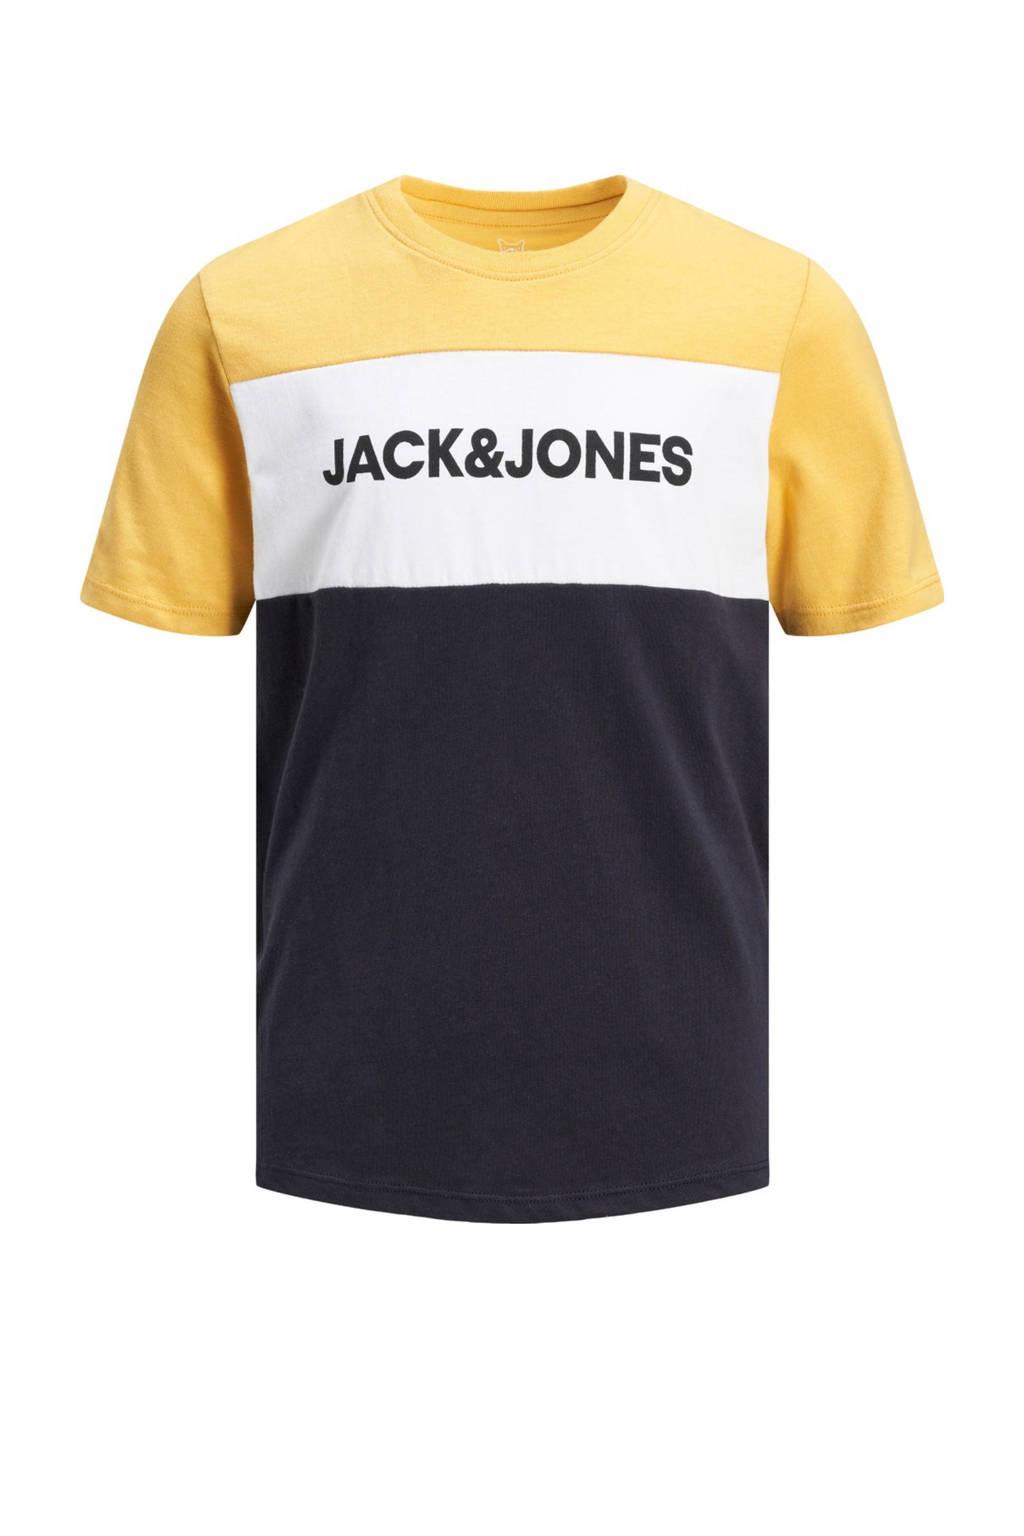 JACK & JONES JUNIOR T-shirt met logo geel/donkerblauw, Geel/donkerblauw